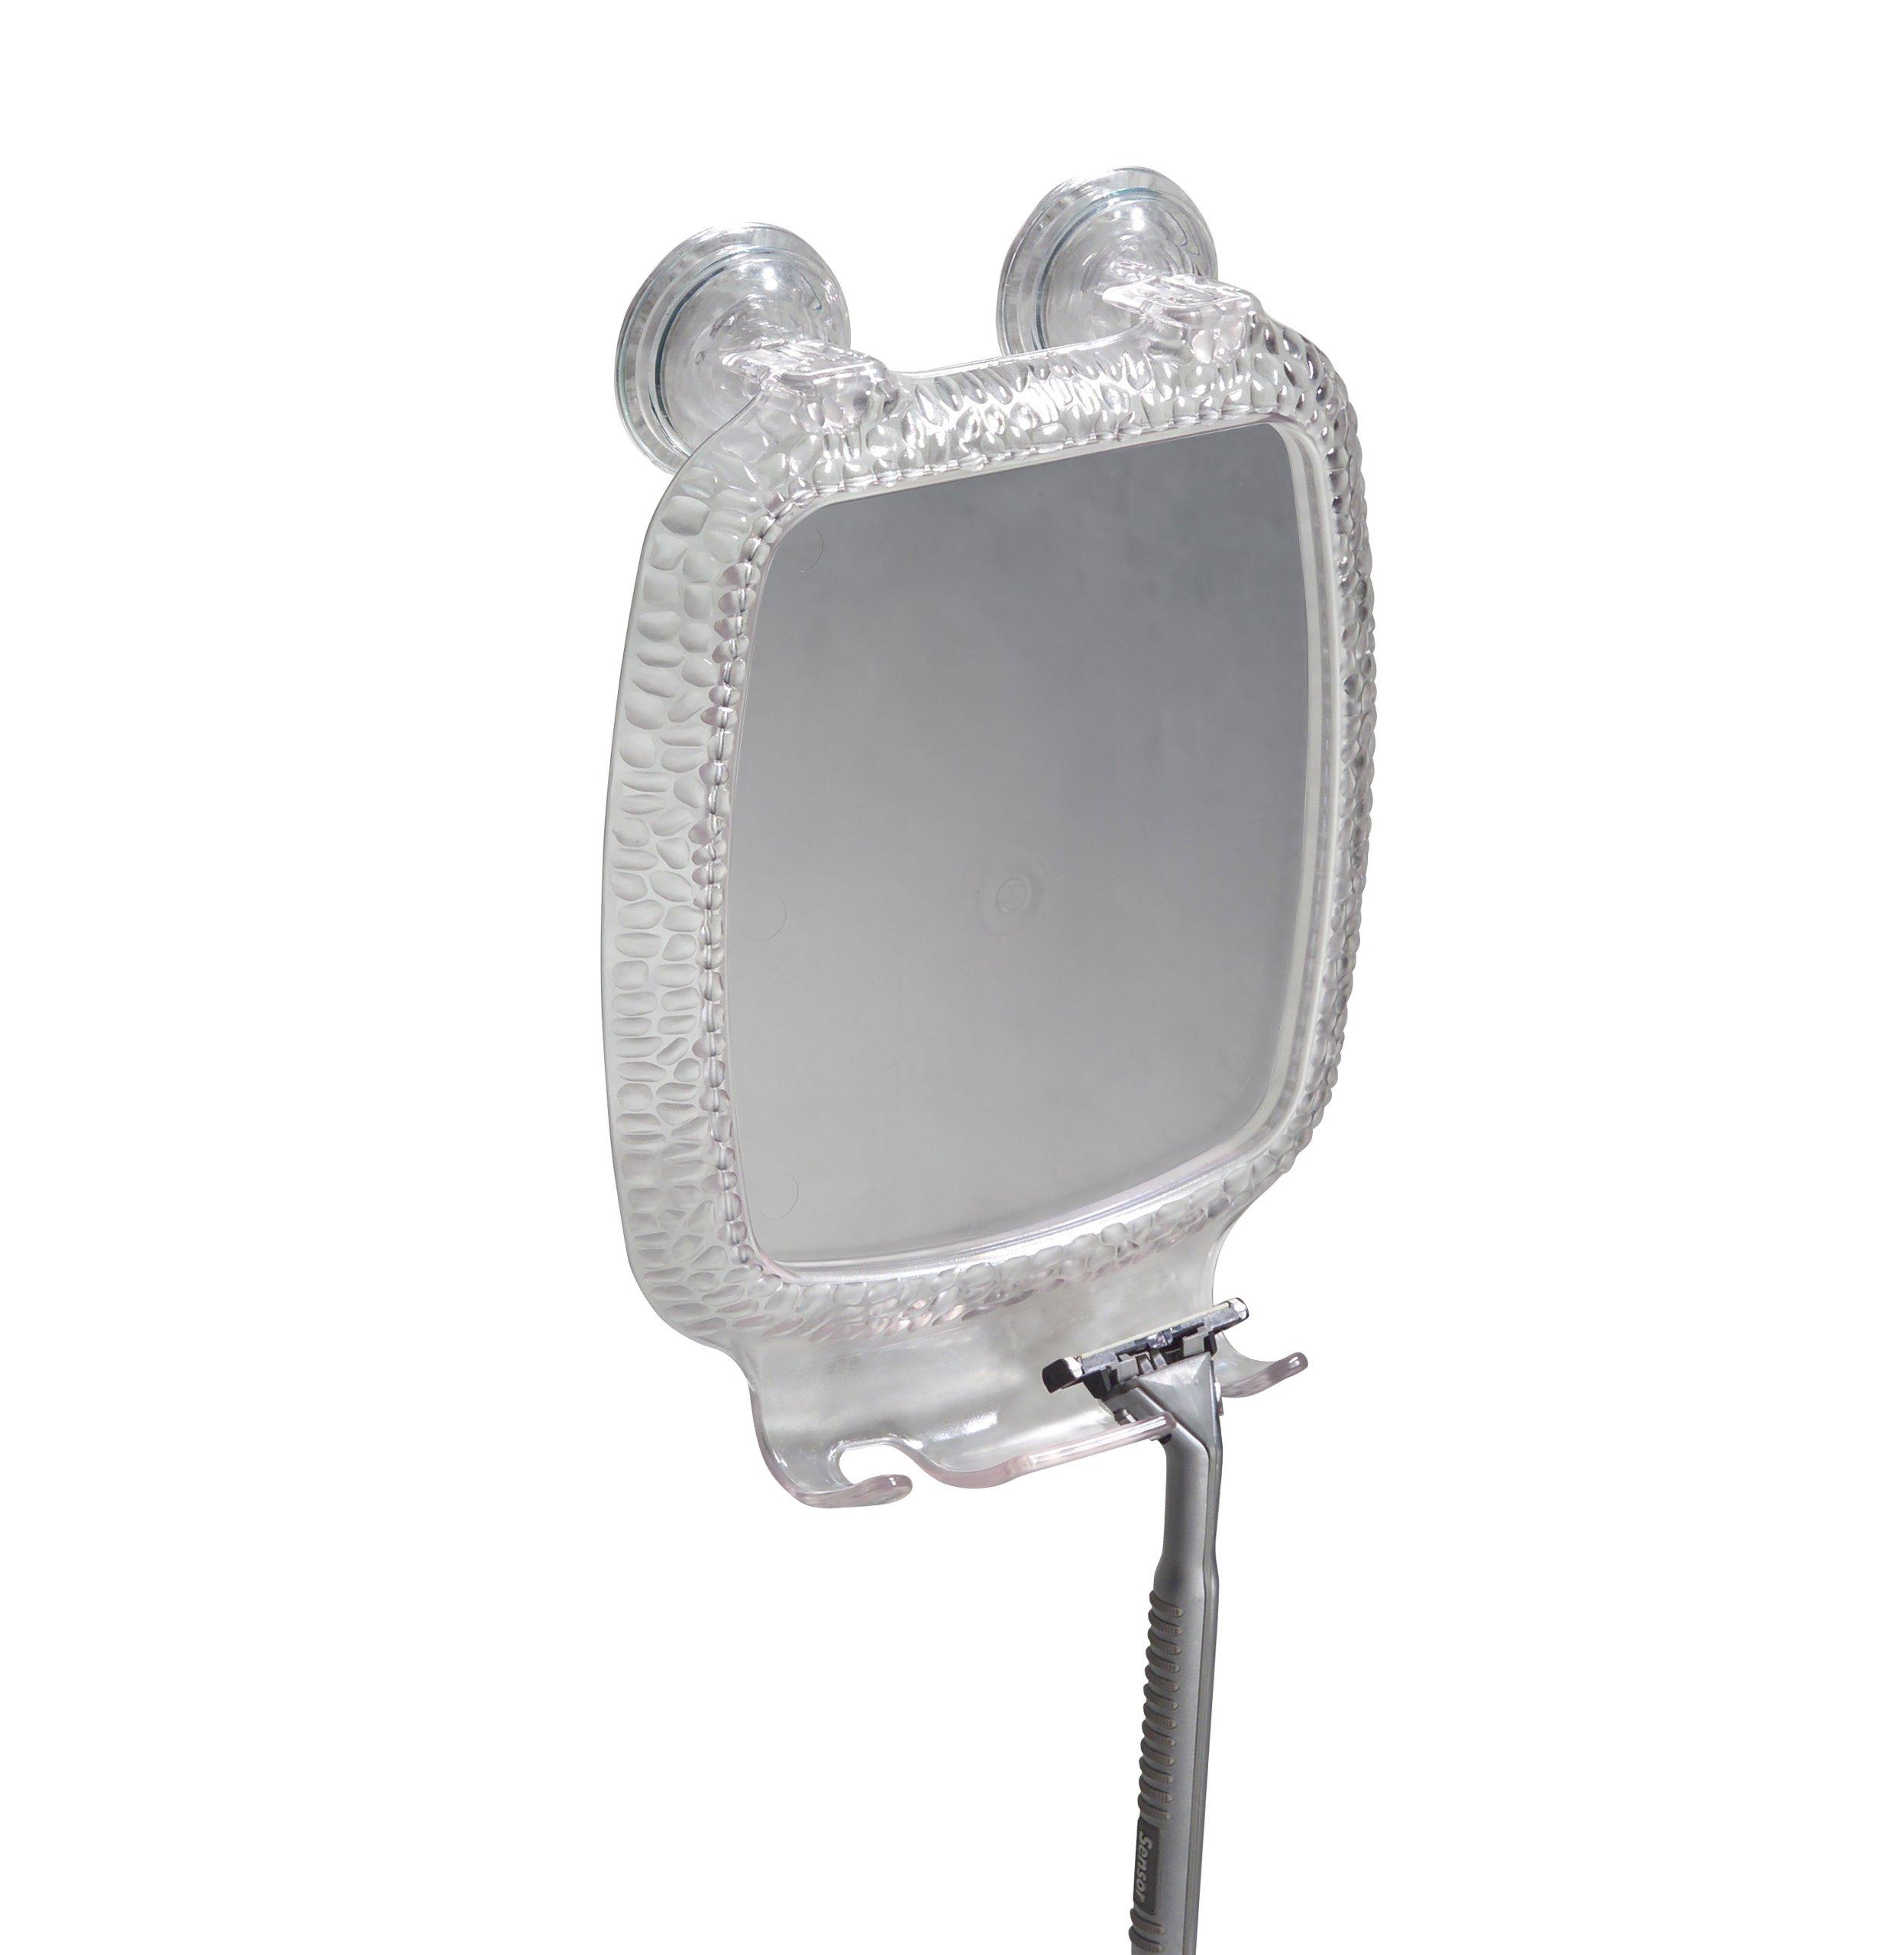 InterDesign Rain Power Lock Suction, Bathroom or Shower Shaving Mirror with Razor Holder - Clear by InterDesign